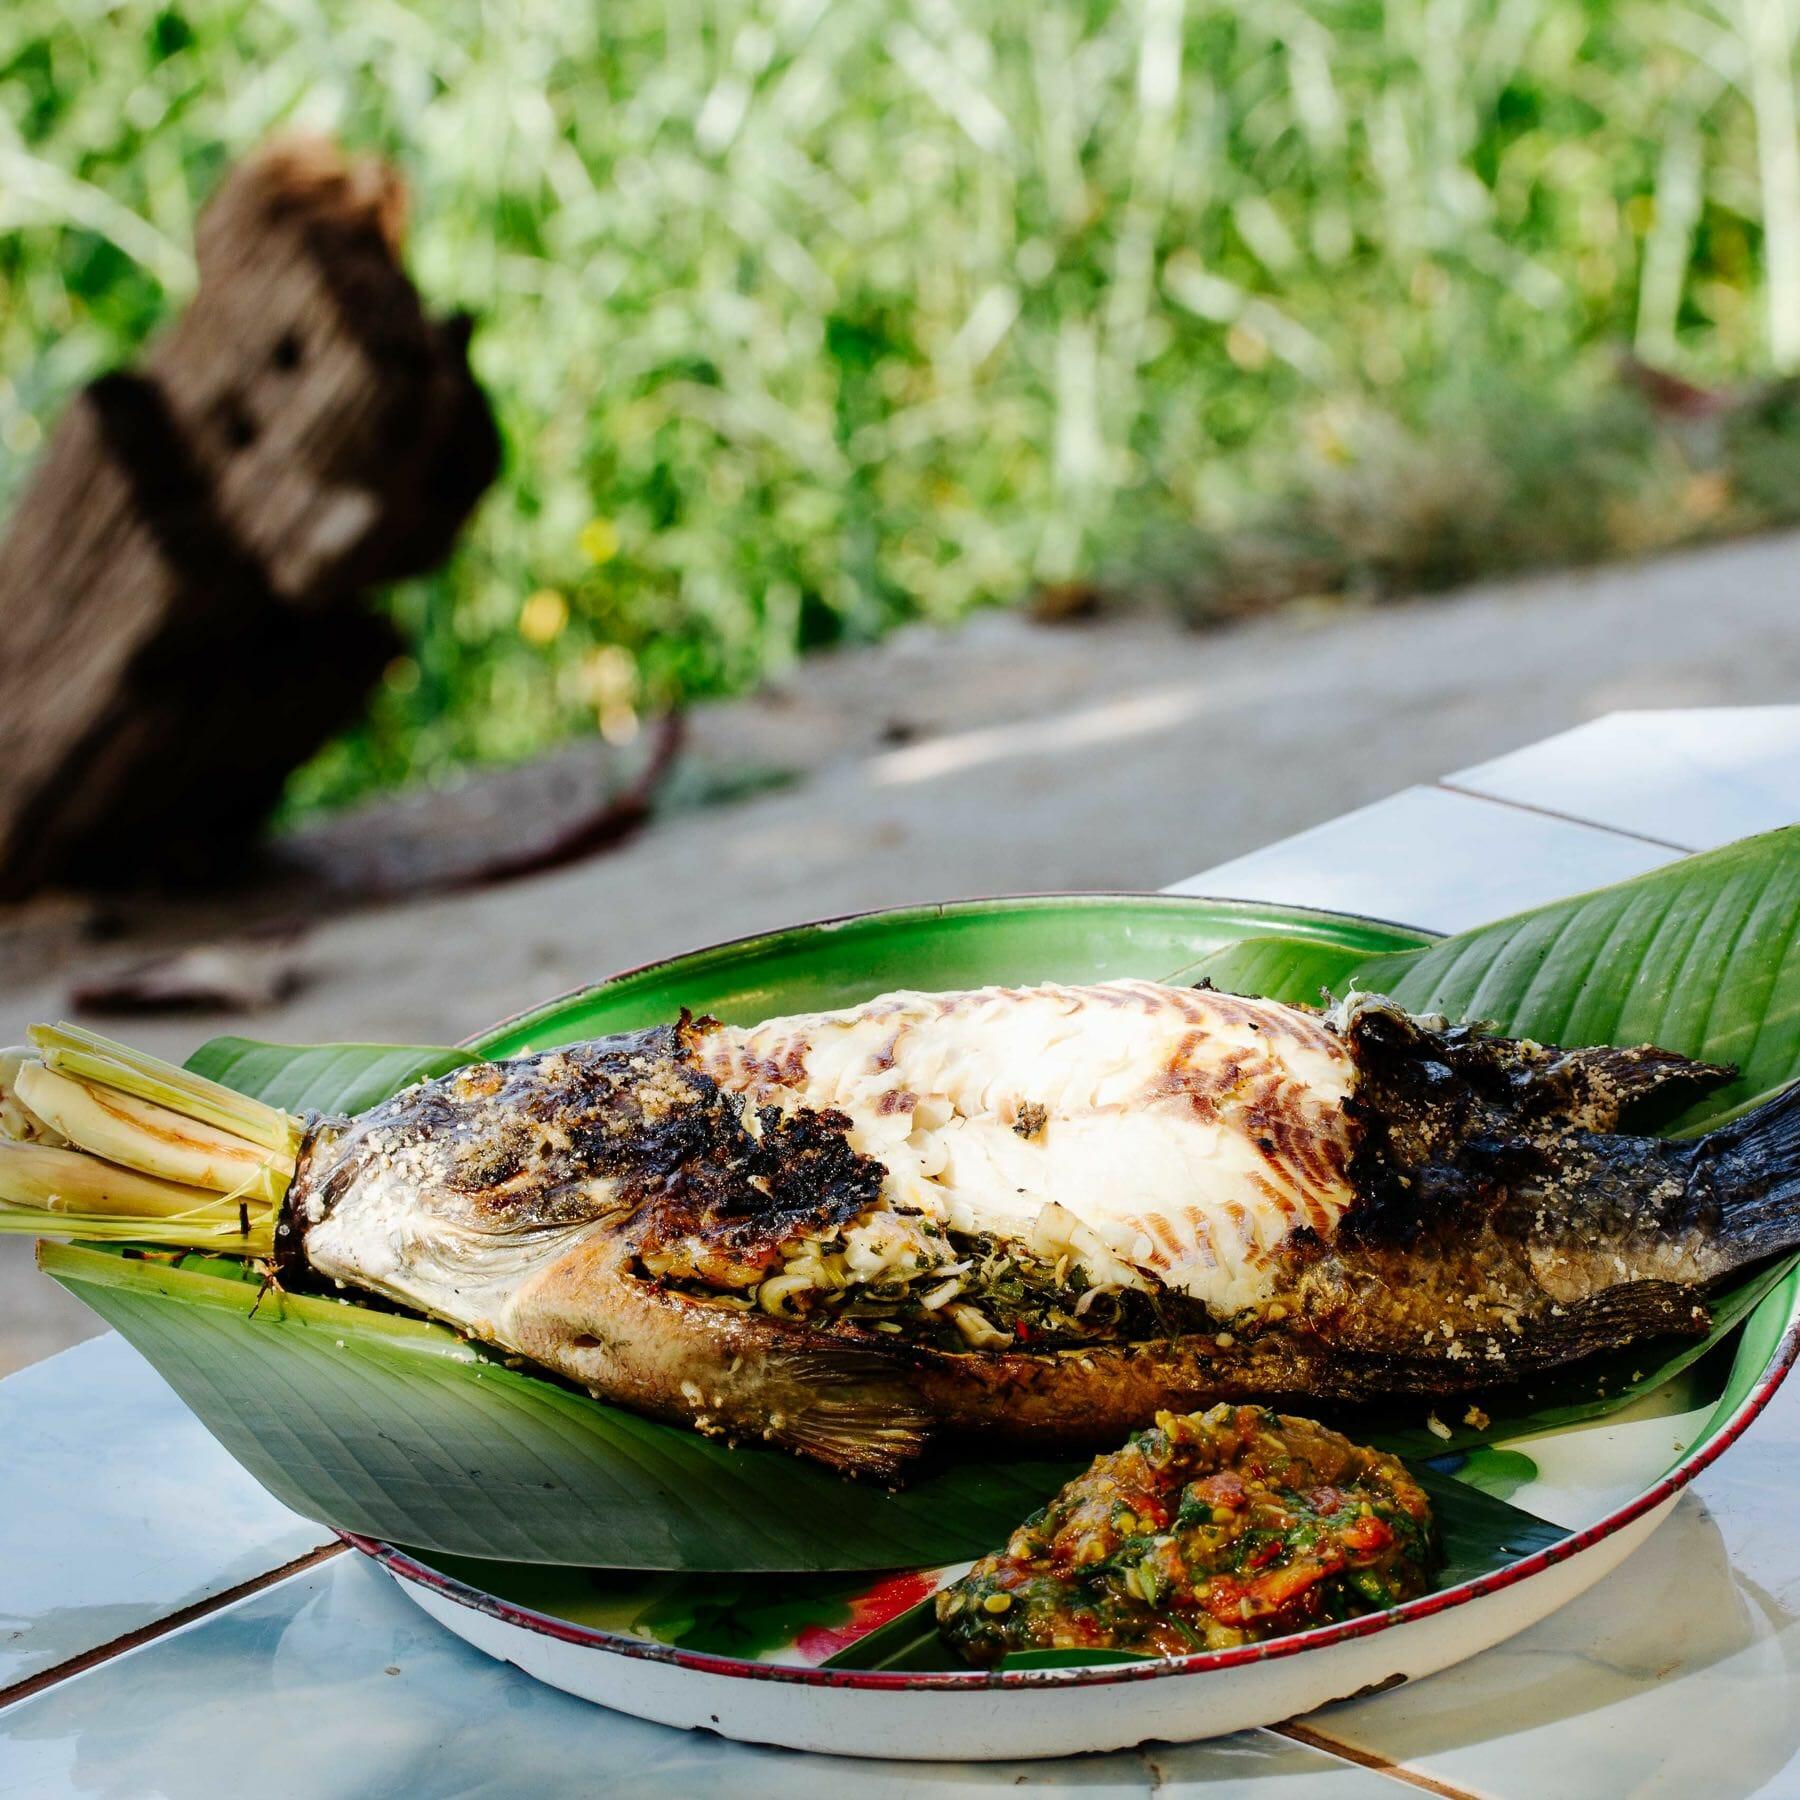 Gegrillter Mekongfisch in Salzkruste mit Kräutern gefüllt